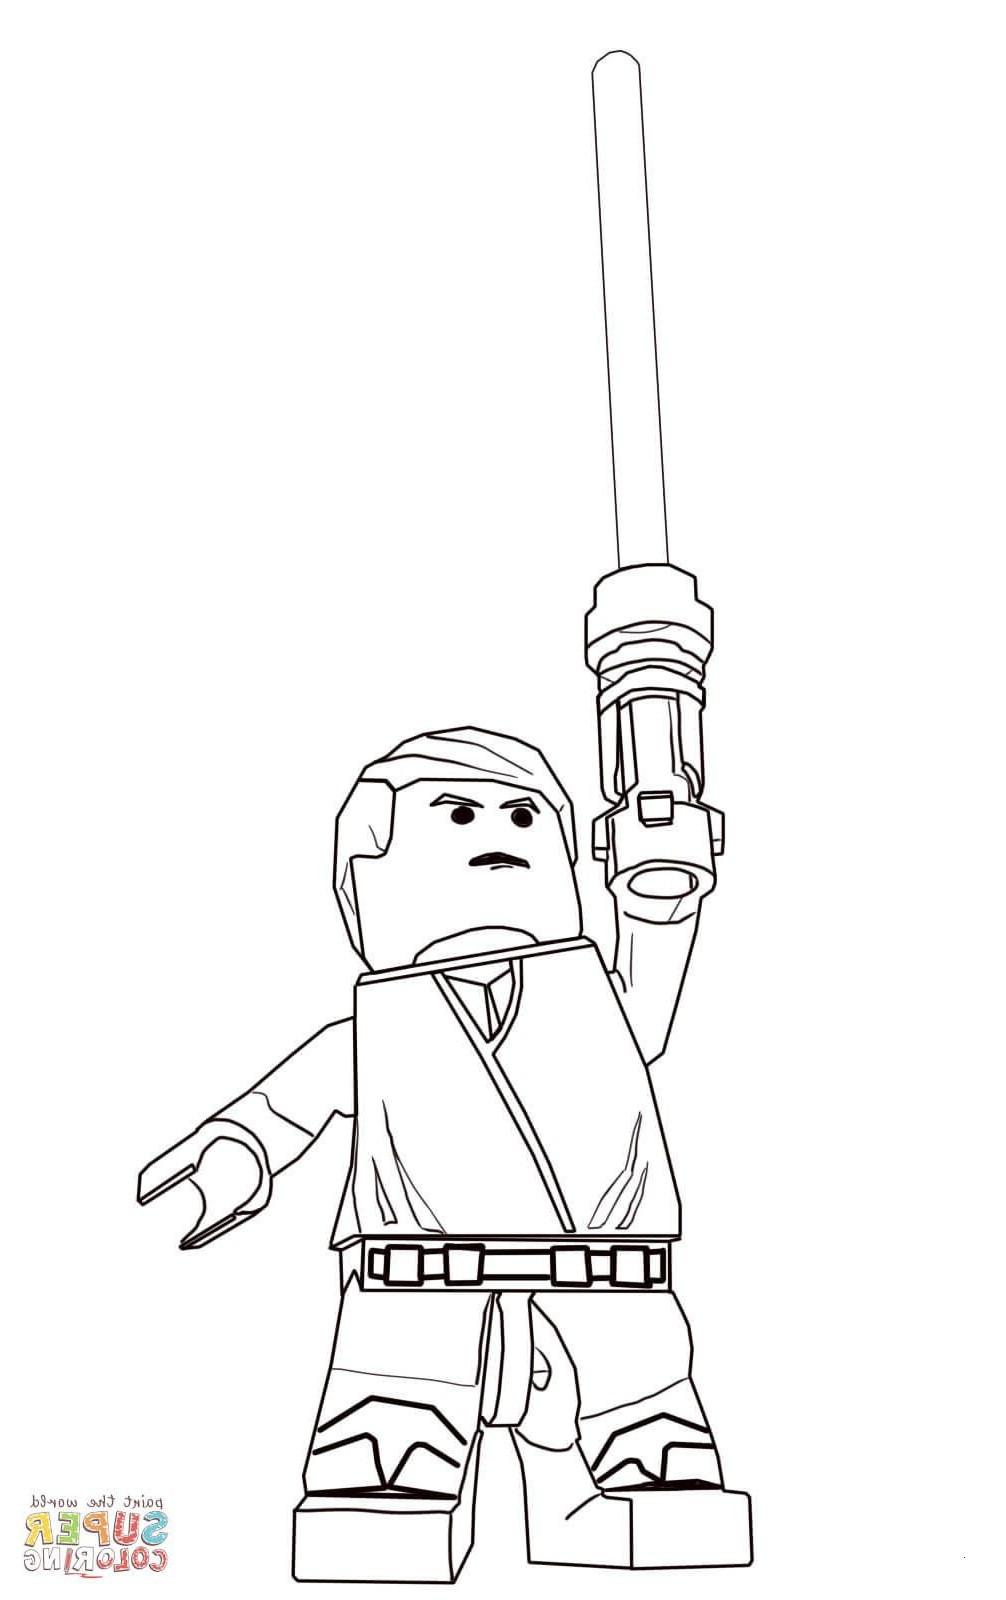 Lego Star Wars Ausmalbilder Einzigartig 30 Einzigartig Ausmalbilder Lego Star Wars – Malvorlagen Ideen Bilder